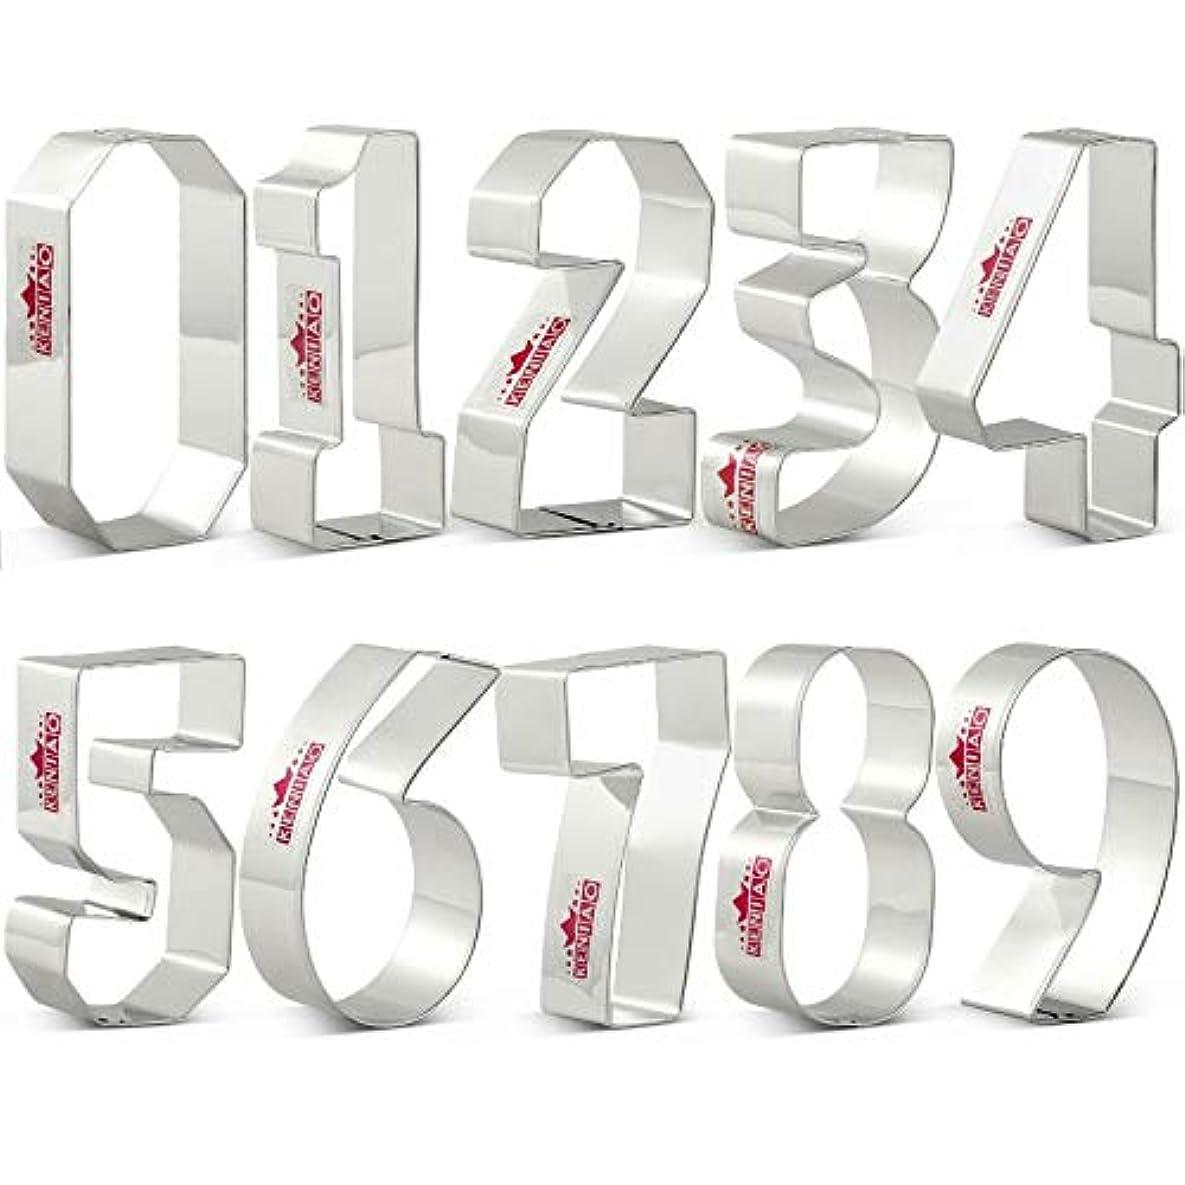 シガレット枝少しKENIAO 数字クッキーカッターセット 9ピース ビスケット/フォンダン/ペストリー/パンカッター ステンレススチール